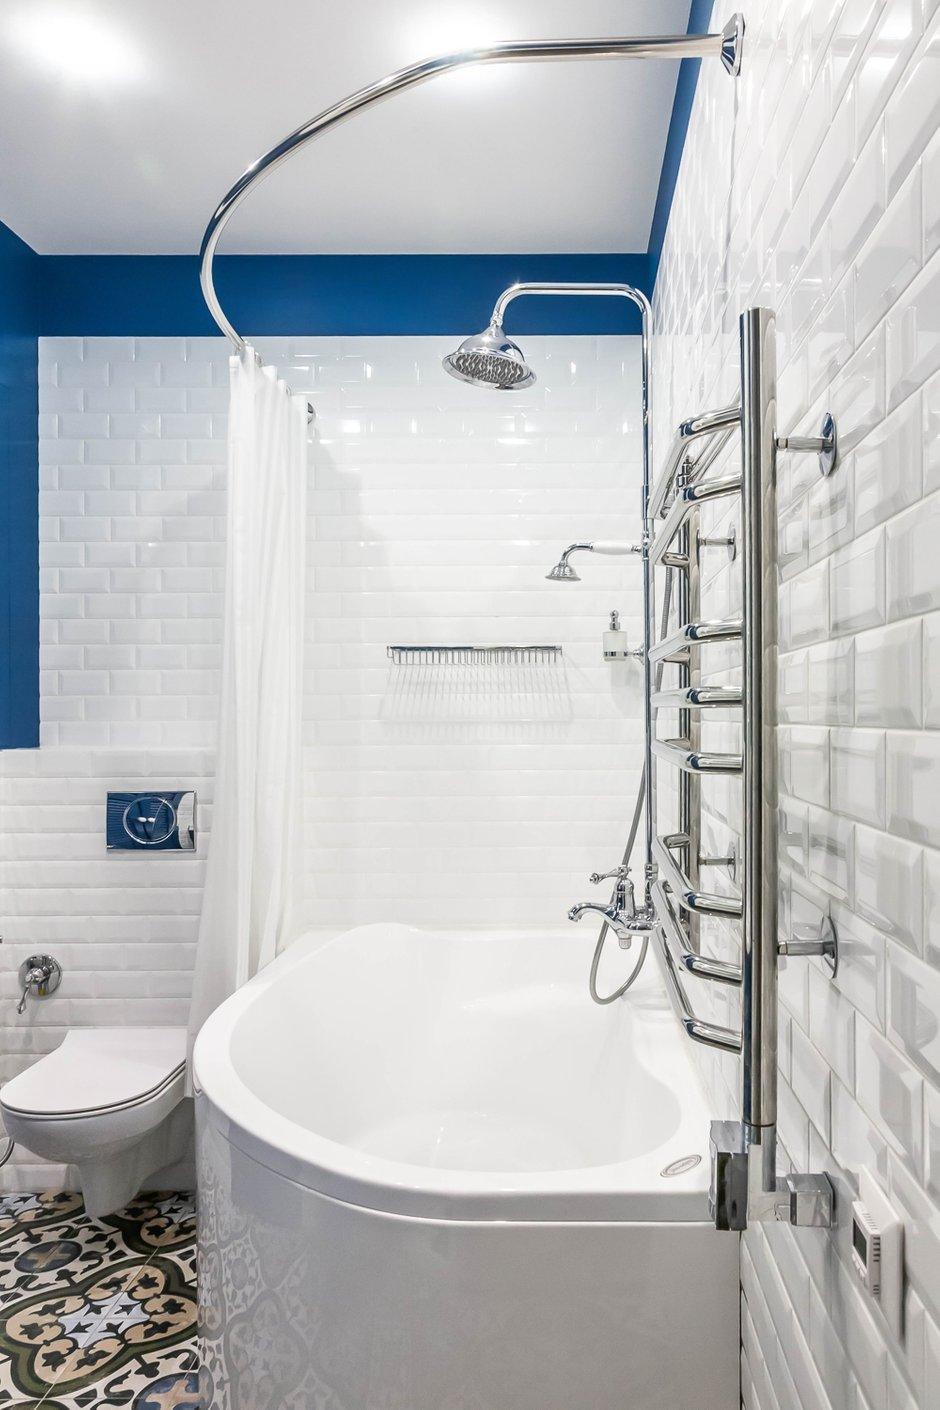 Фотография: Ванная в стиле Современный, Квартира, Проект недели, Москва, 3 комнаты, 60-90 метров, Евгения Постухова – фото на INMYROOM